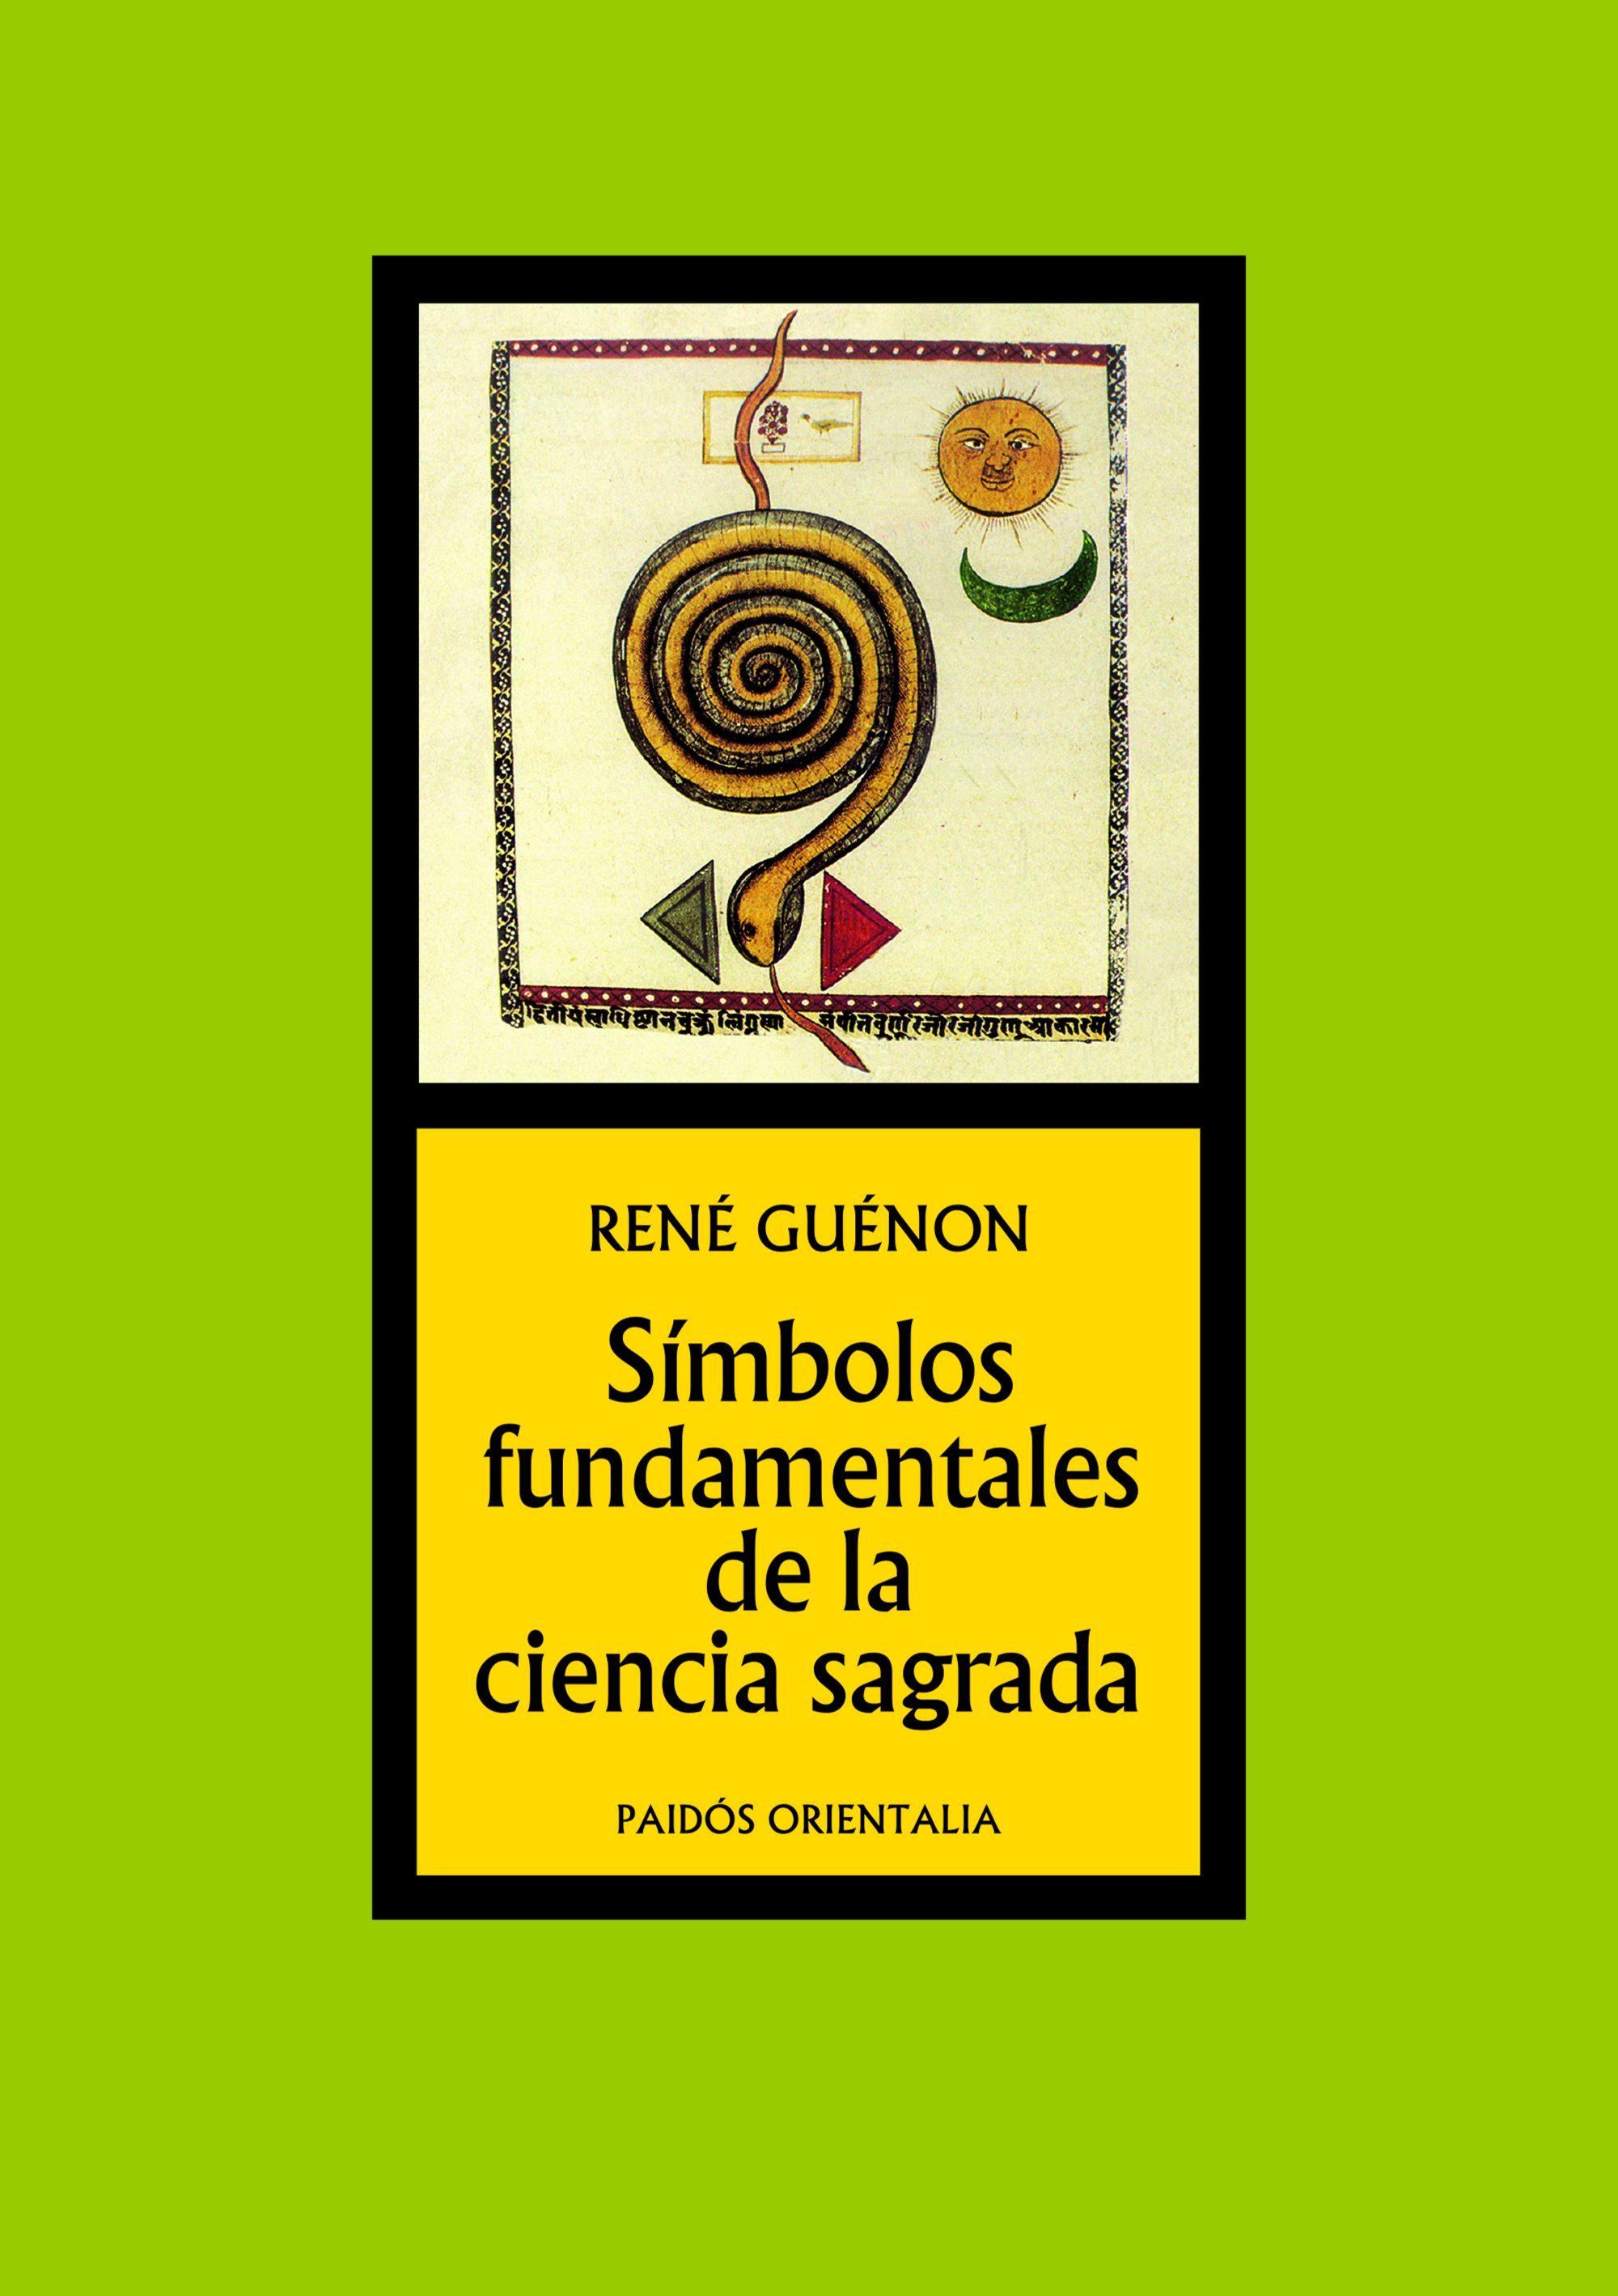 Símbolos fundamentales de la ciencia sagrada; rené guénon